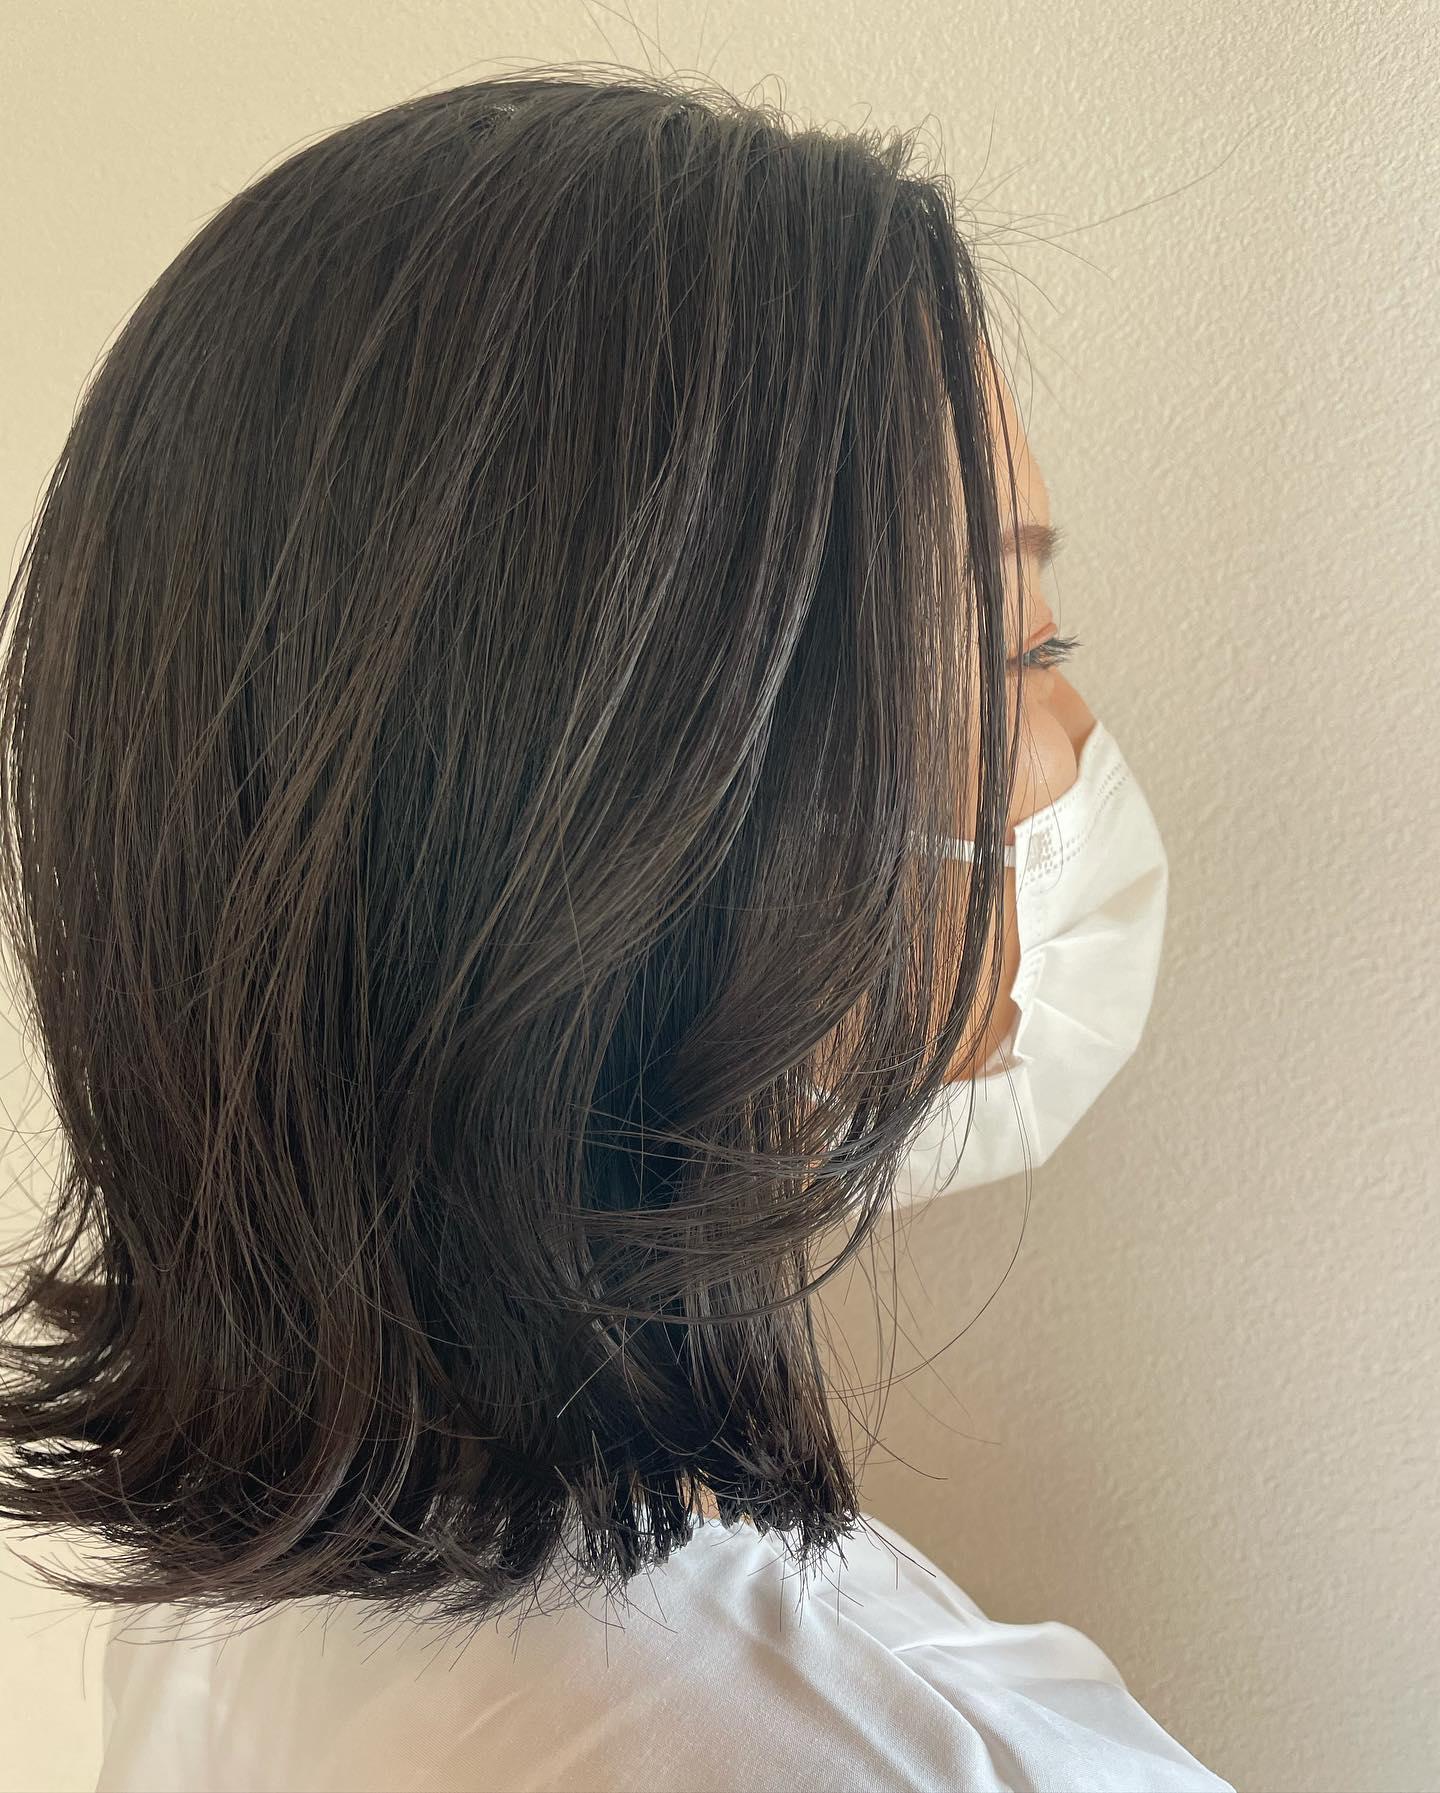 少し巻くだけで大人っぽさ倍増🦳かわいい外はねと内巻きのMIXで#totti #hair #color #perm #cut #hairstyle #haircolor #hairarrange #stylist #care #carelist #aujua #イルミナカラー #headspa #treatment #美容院